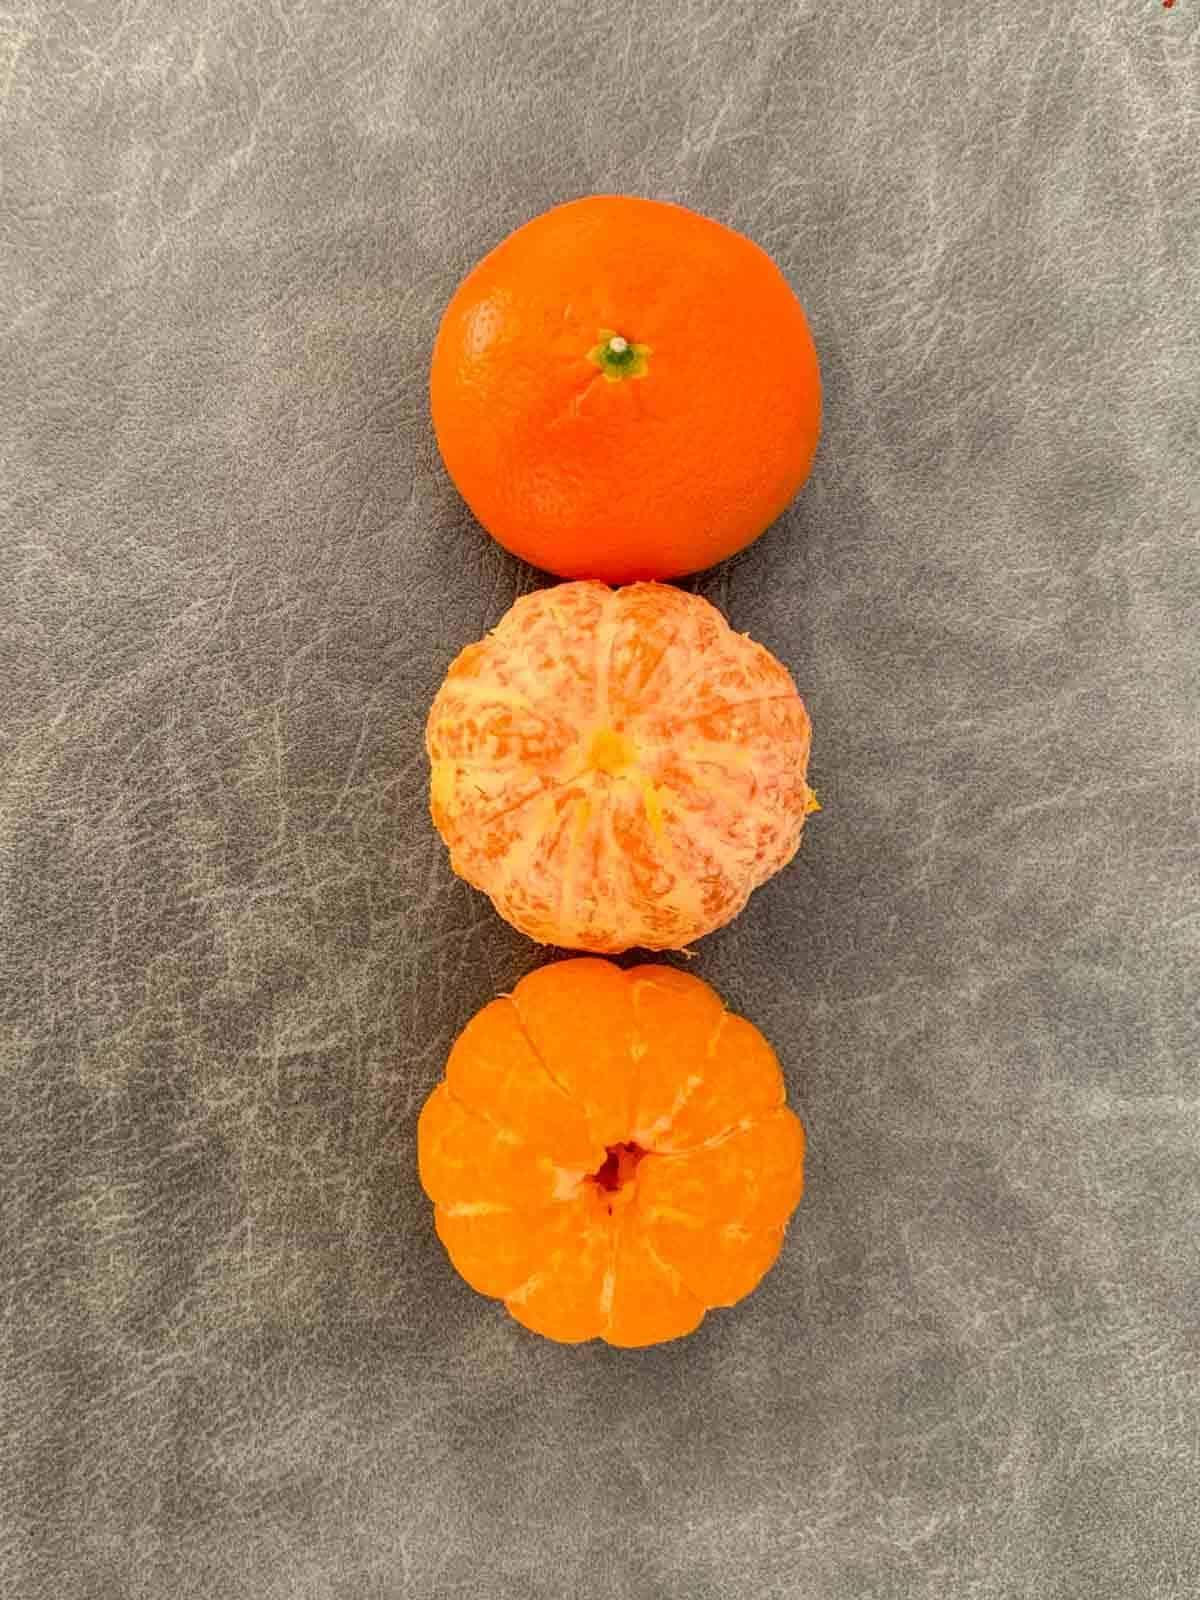 How ot pith mandarin orange for fruit platter